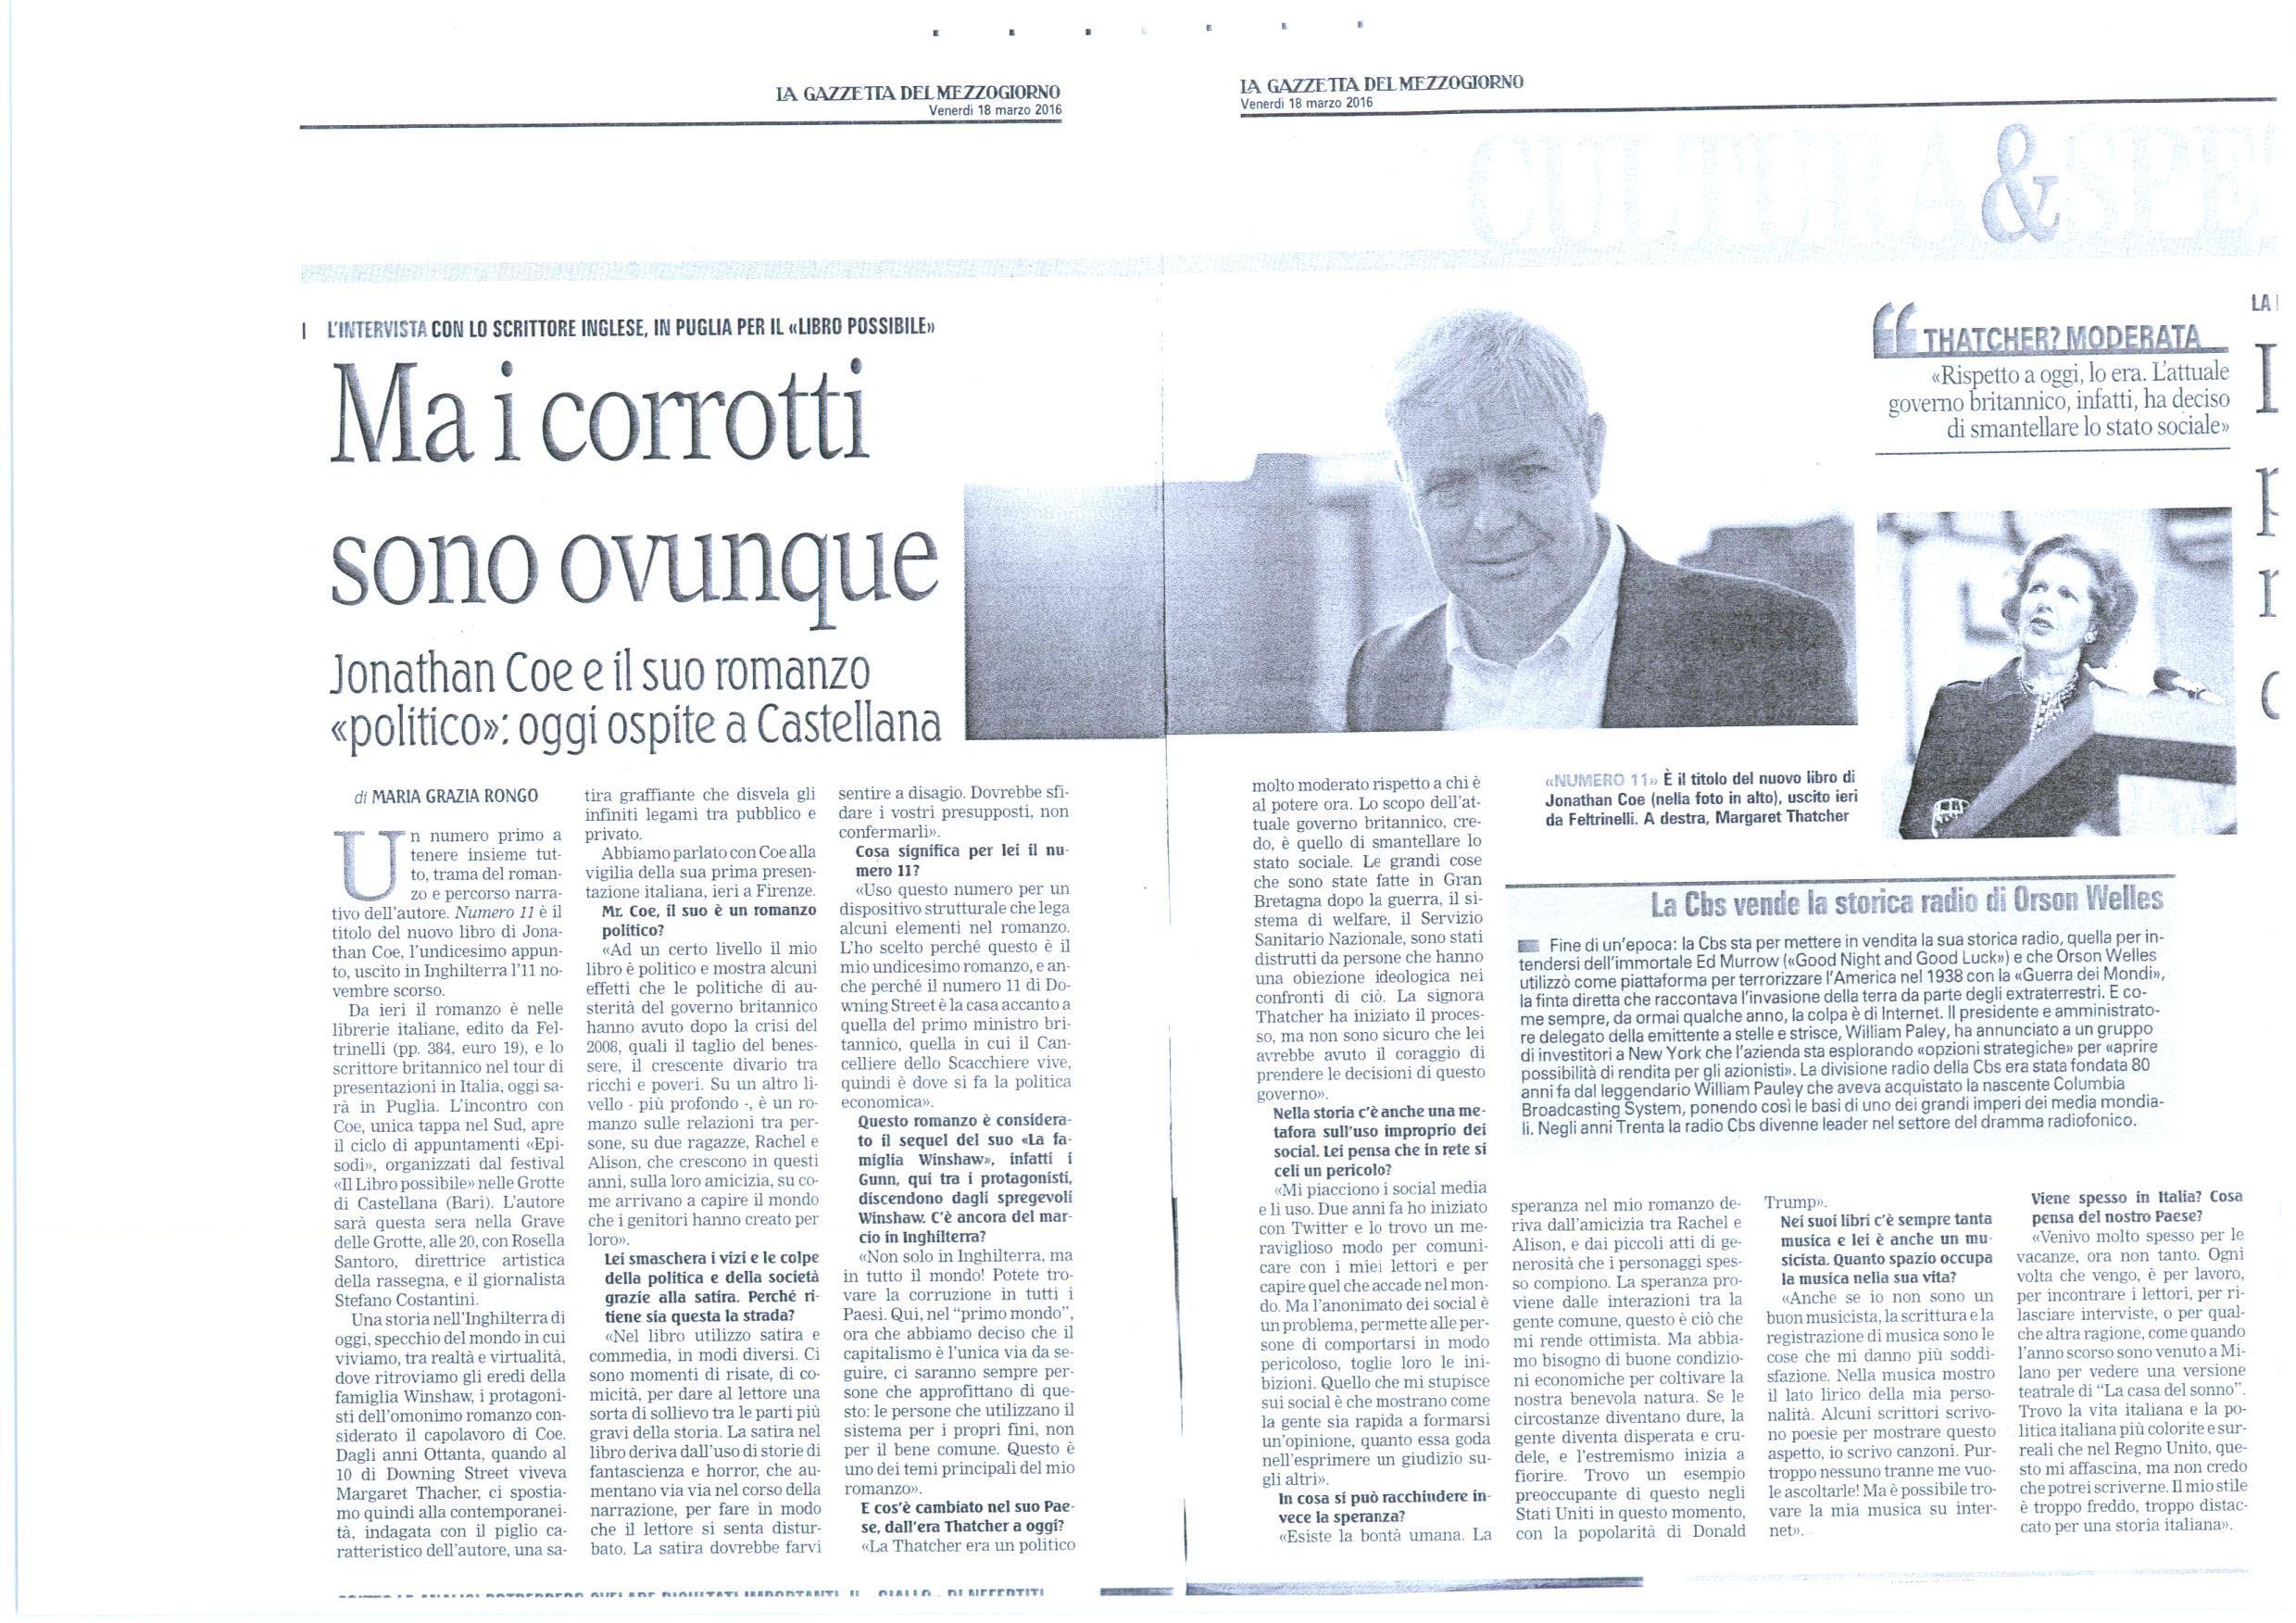 Gazzetta mezzogiorno 18-03-16